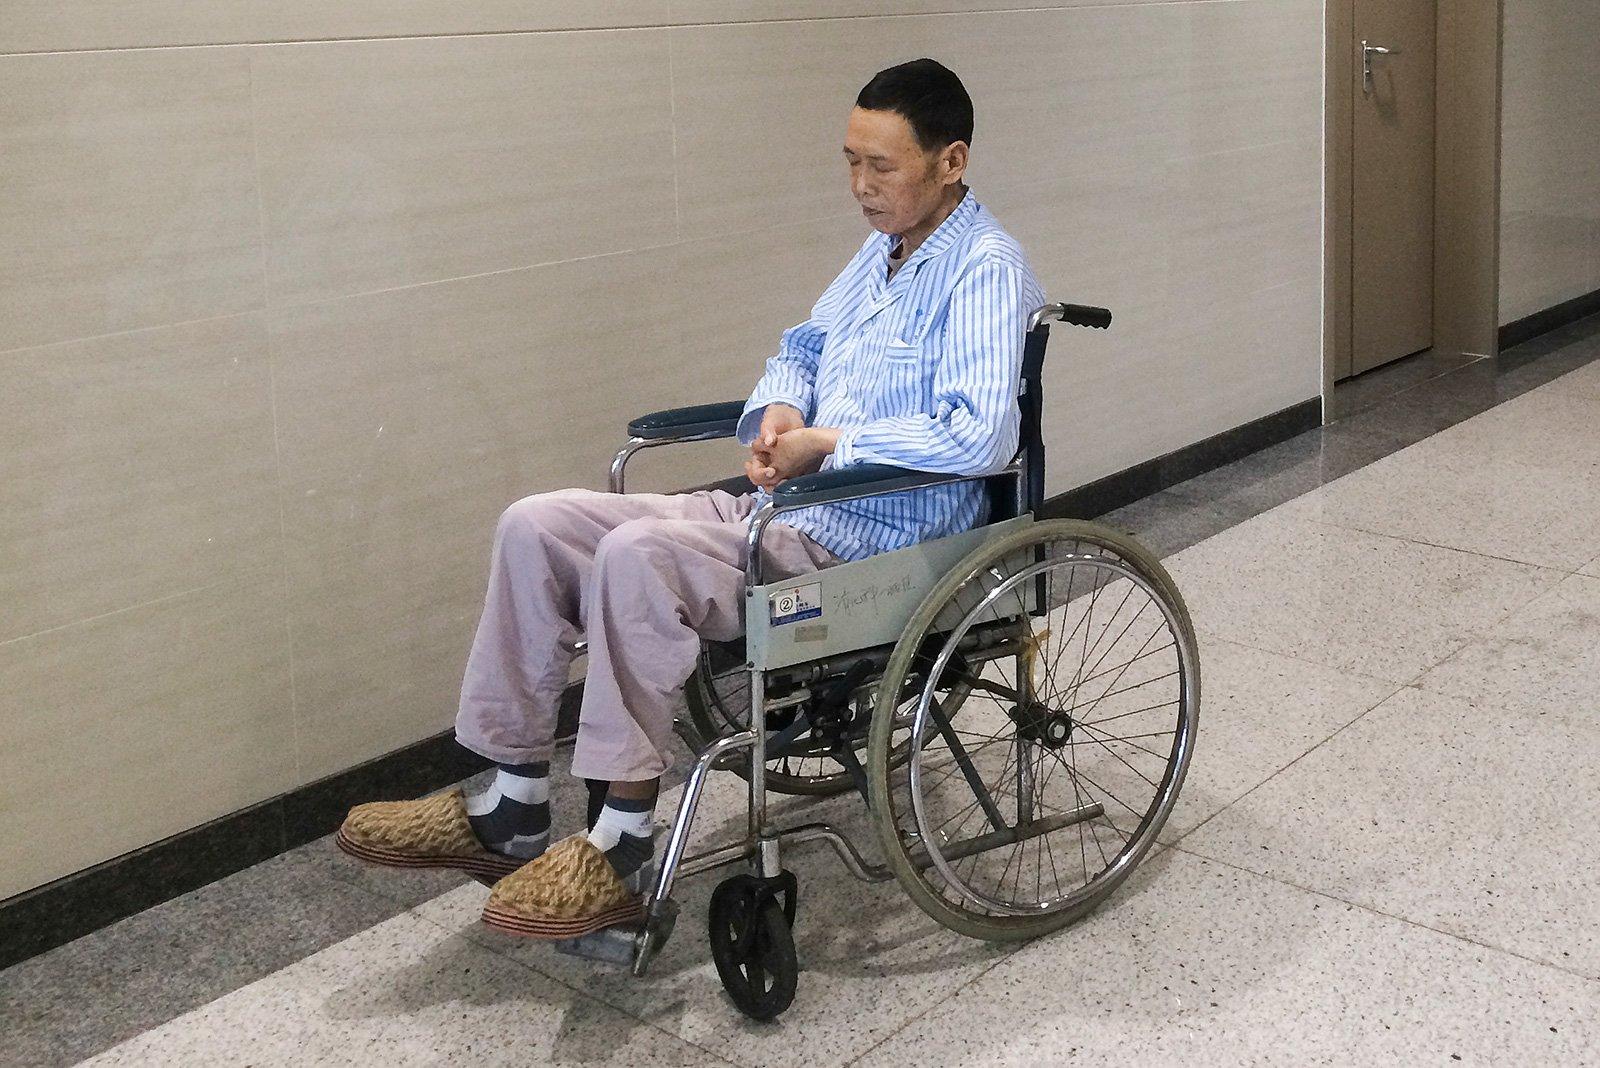 这是放疗十次后的父亲,人已经成了皮包骨,脸上惨白没有一丝血色,下床活动要人抱着,出去散步也要用轮椅。父亲的爱好搁浅了,他已再也没有多余的力气。